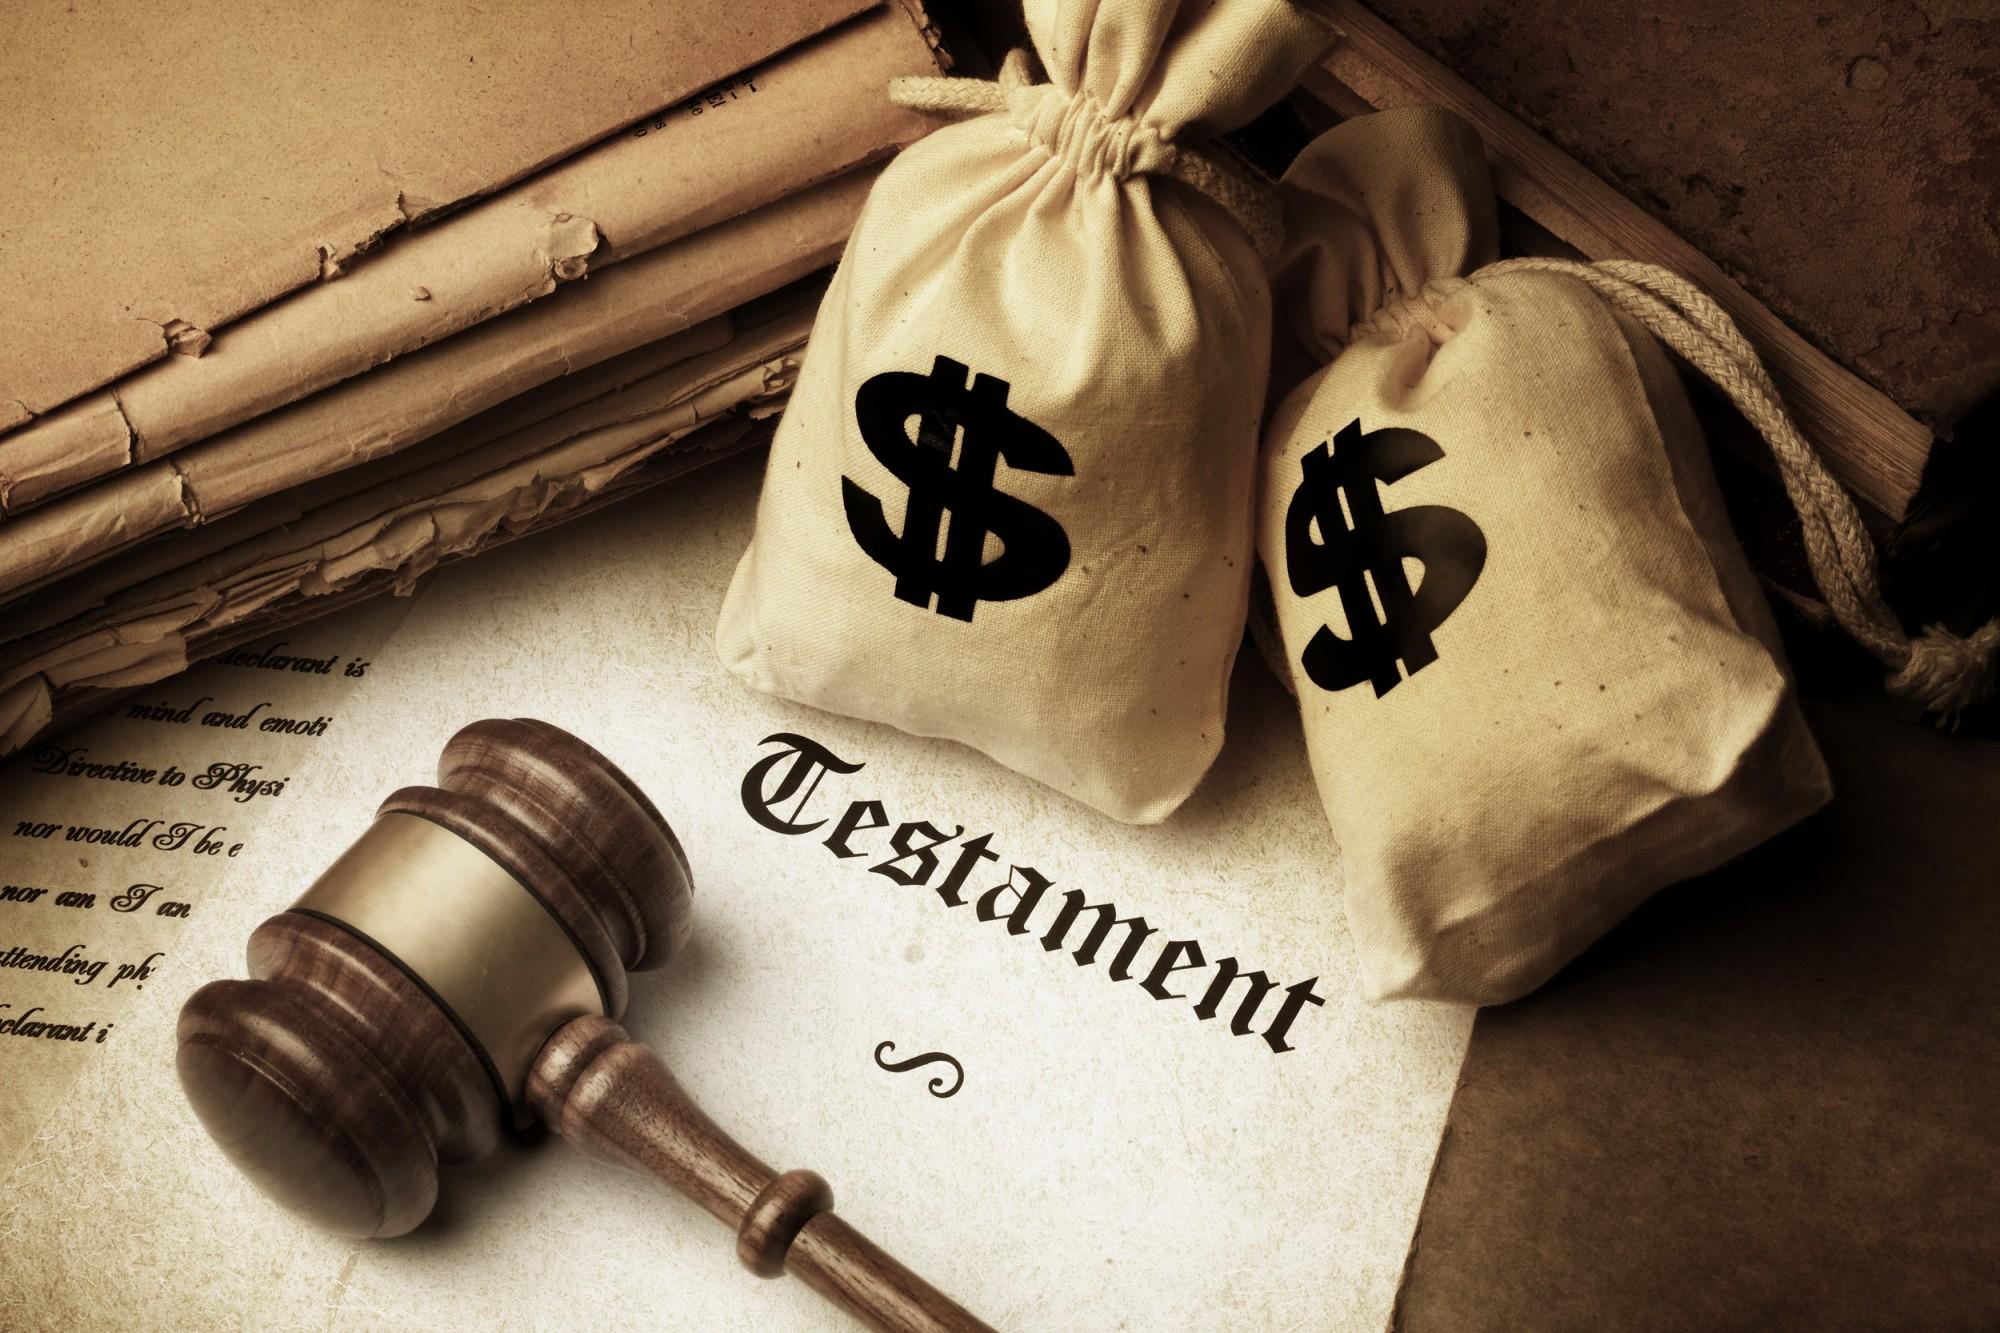 Các hình thức khuyến mại đúng luật